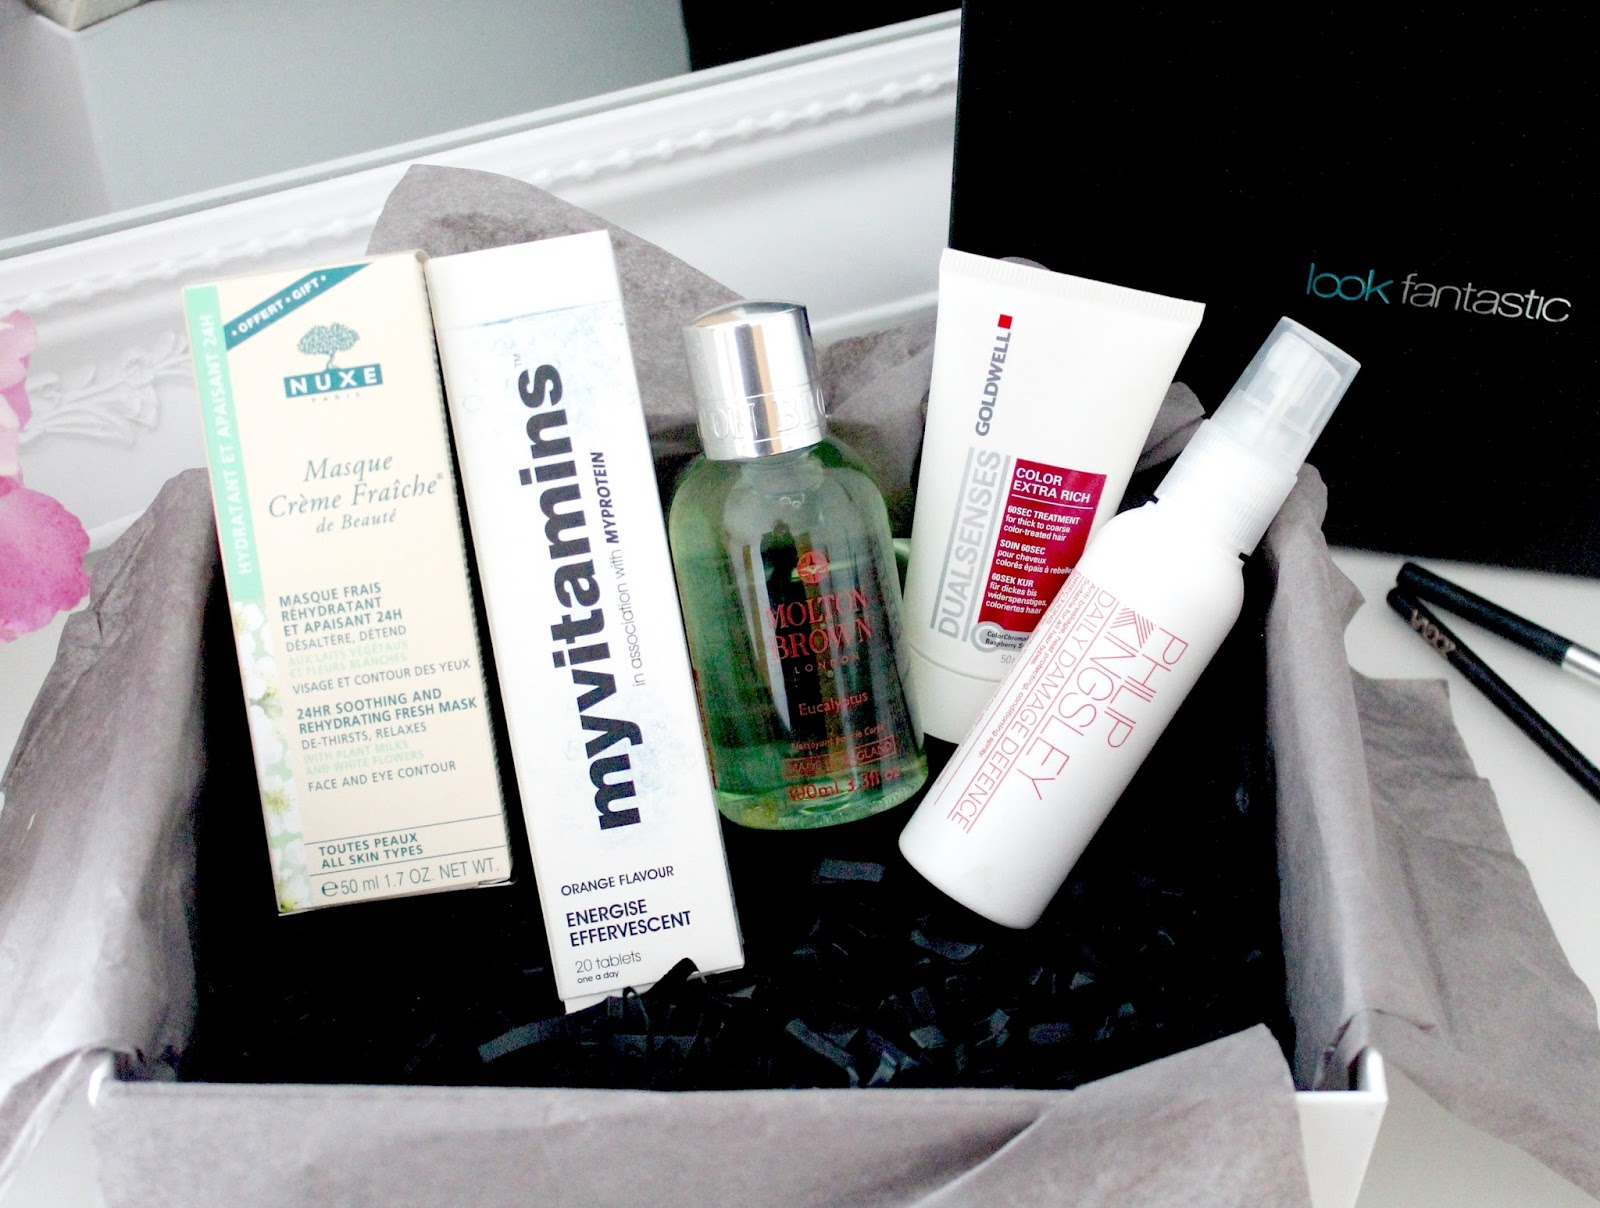 Look Fantastic Beauty Box, Look Fantastic January Beauty Box Review, Look Fantastic Beauty Box Review